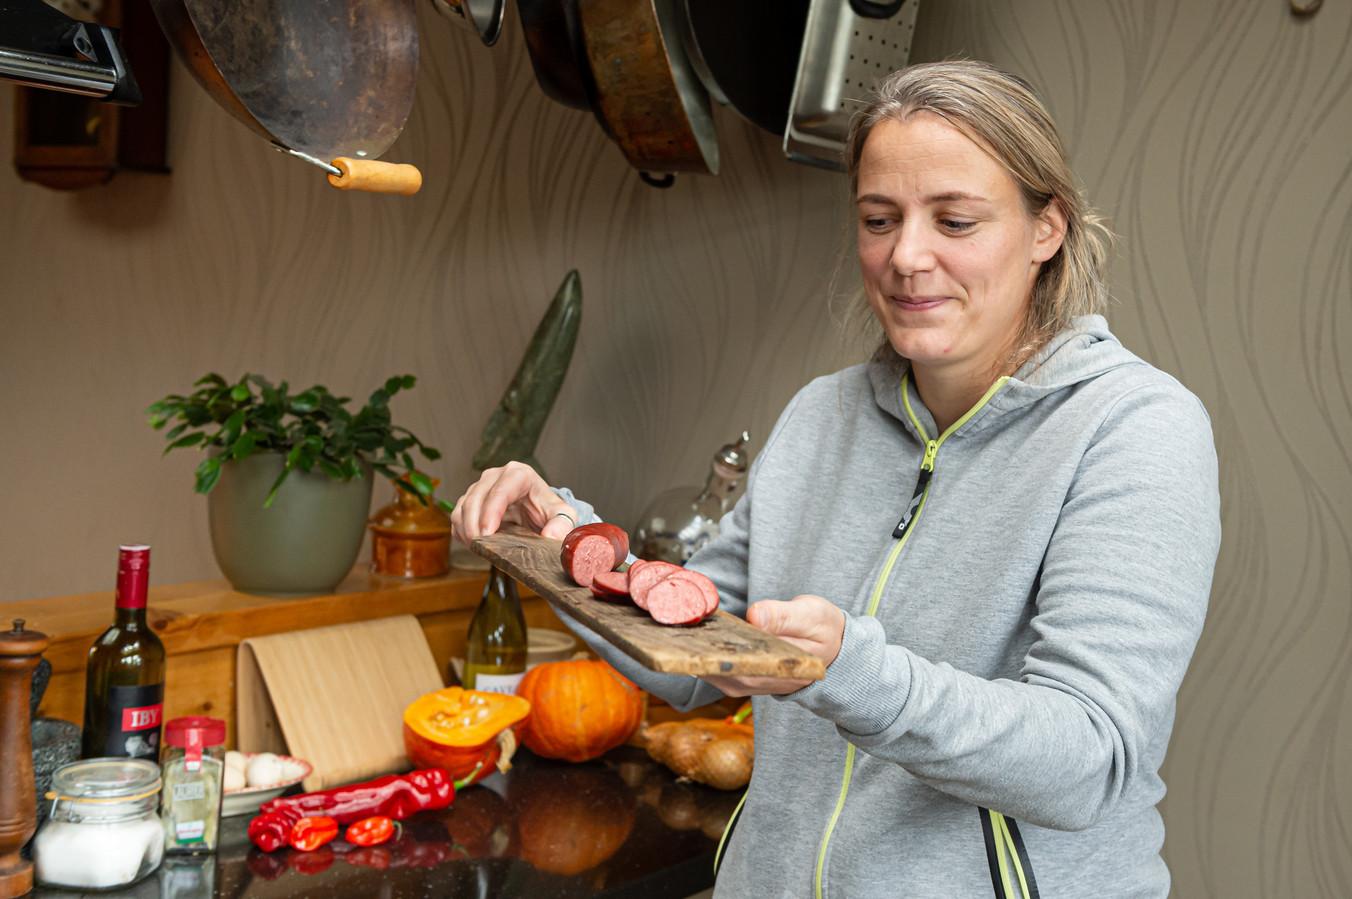 Simone van Risp van Het Wildhuys uit Berkenwoude met de bekroonde rookworst van ganzenvlees uir de Krimpenerwaard.